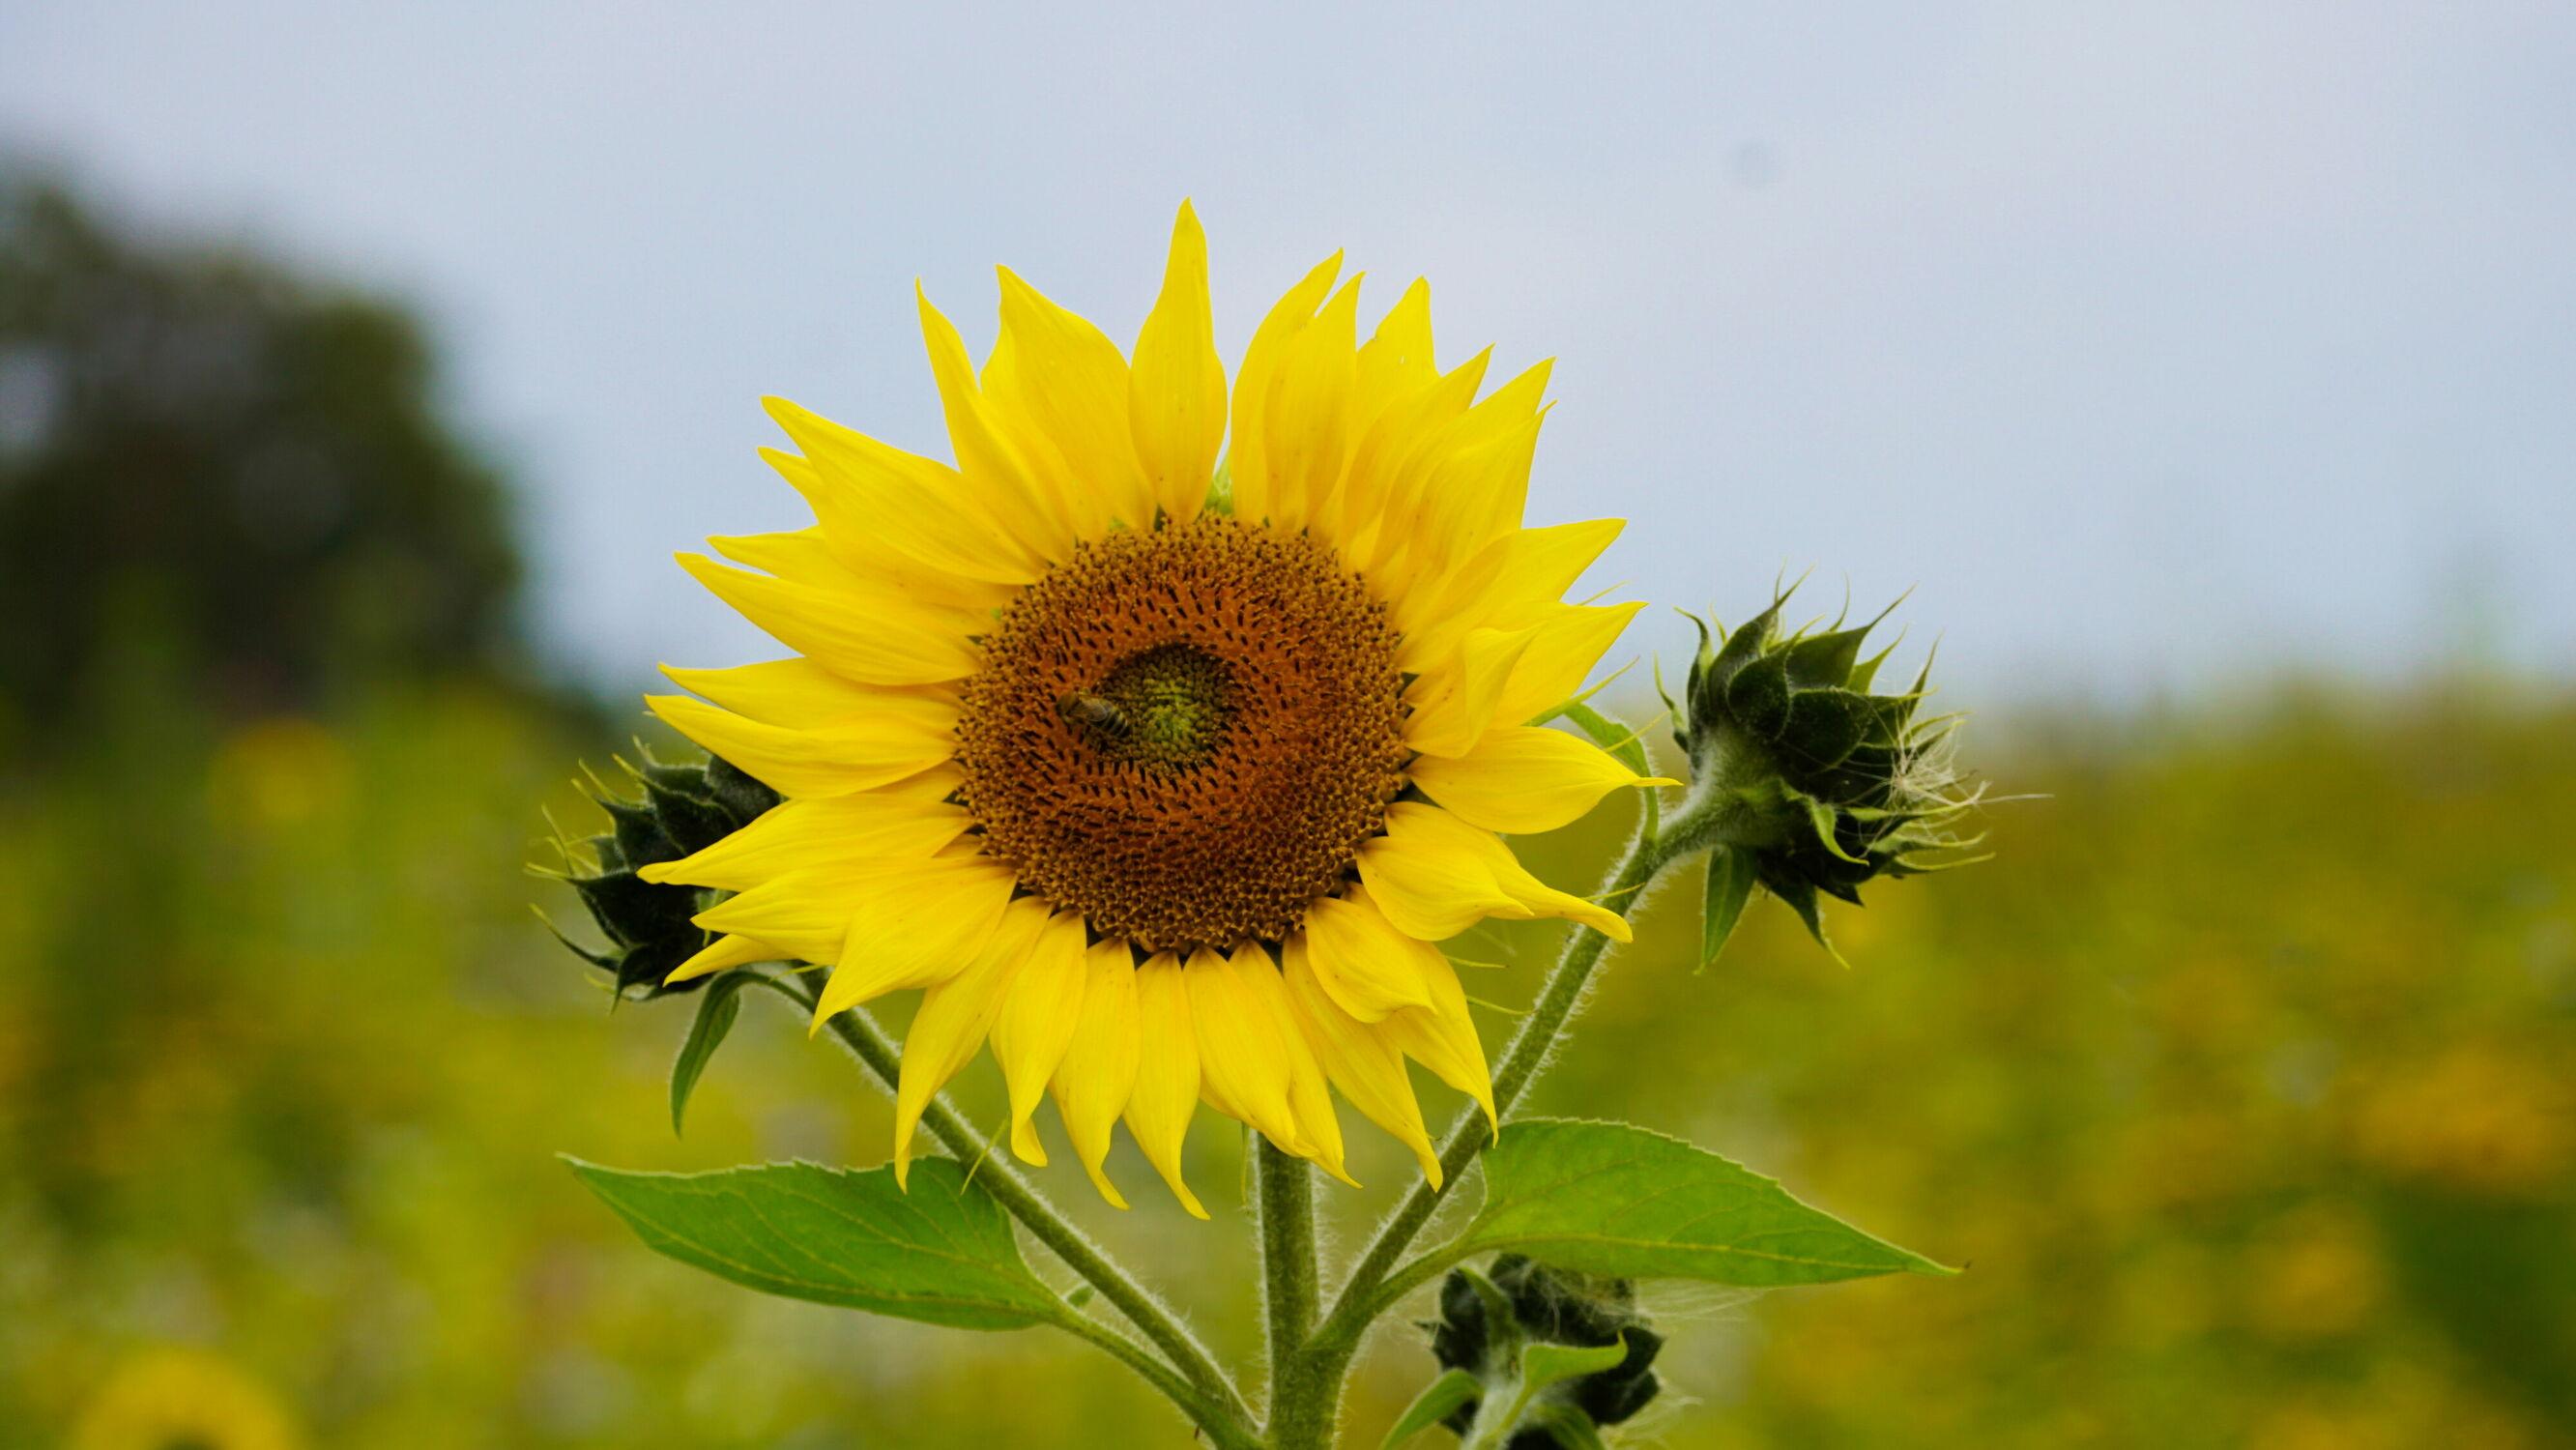 Bild mit Sonnenblumen, Sonnenblume, Sonnenblumenfeld, Sonnenblumenkopf